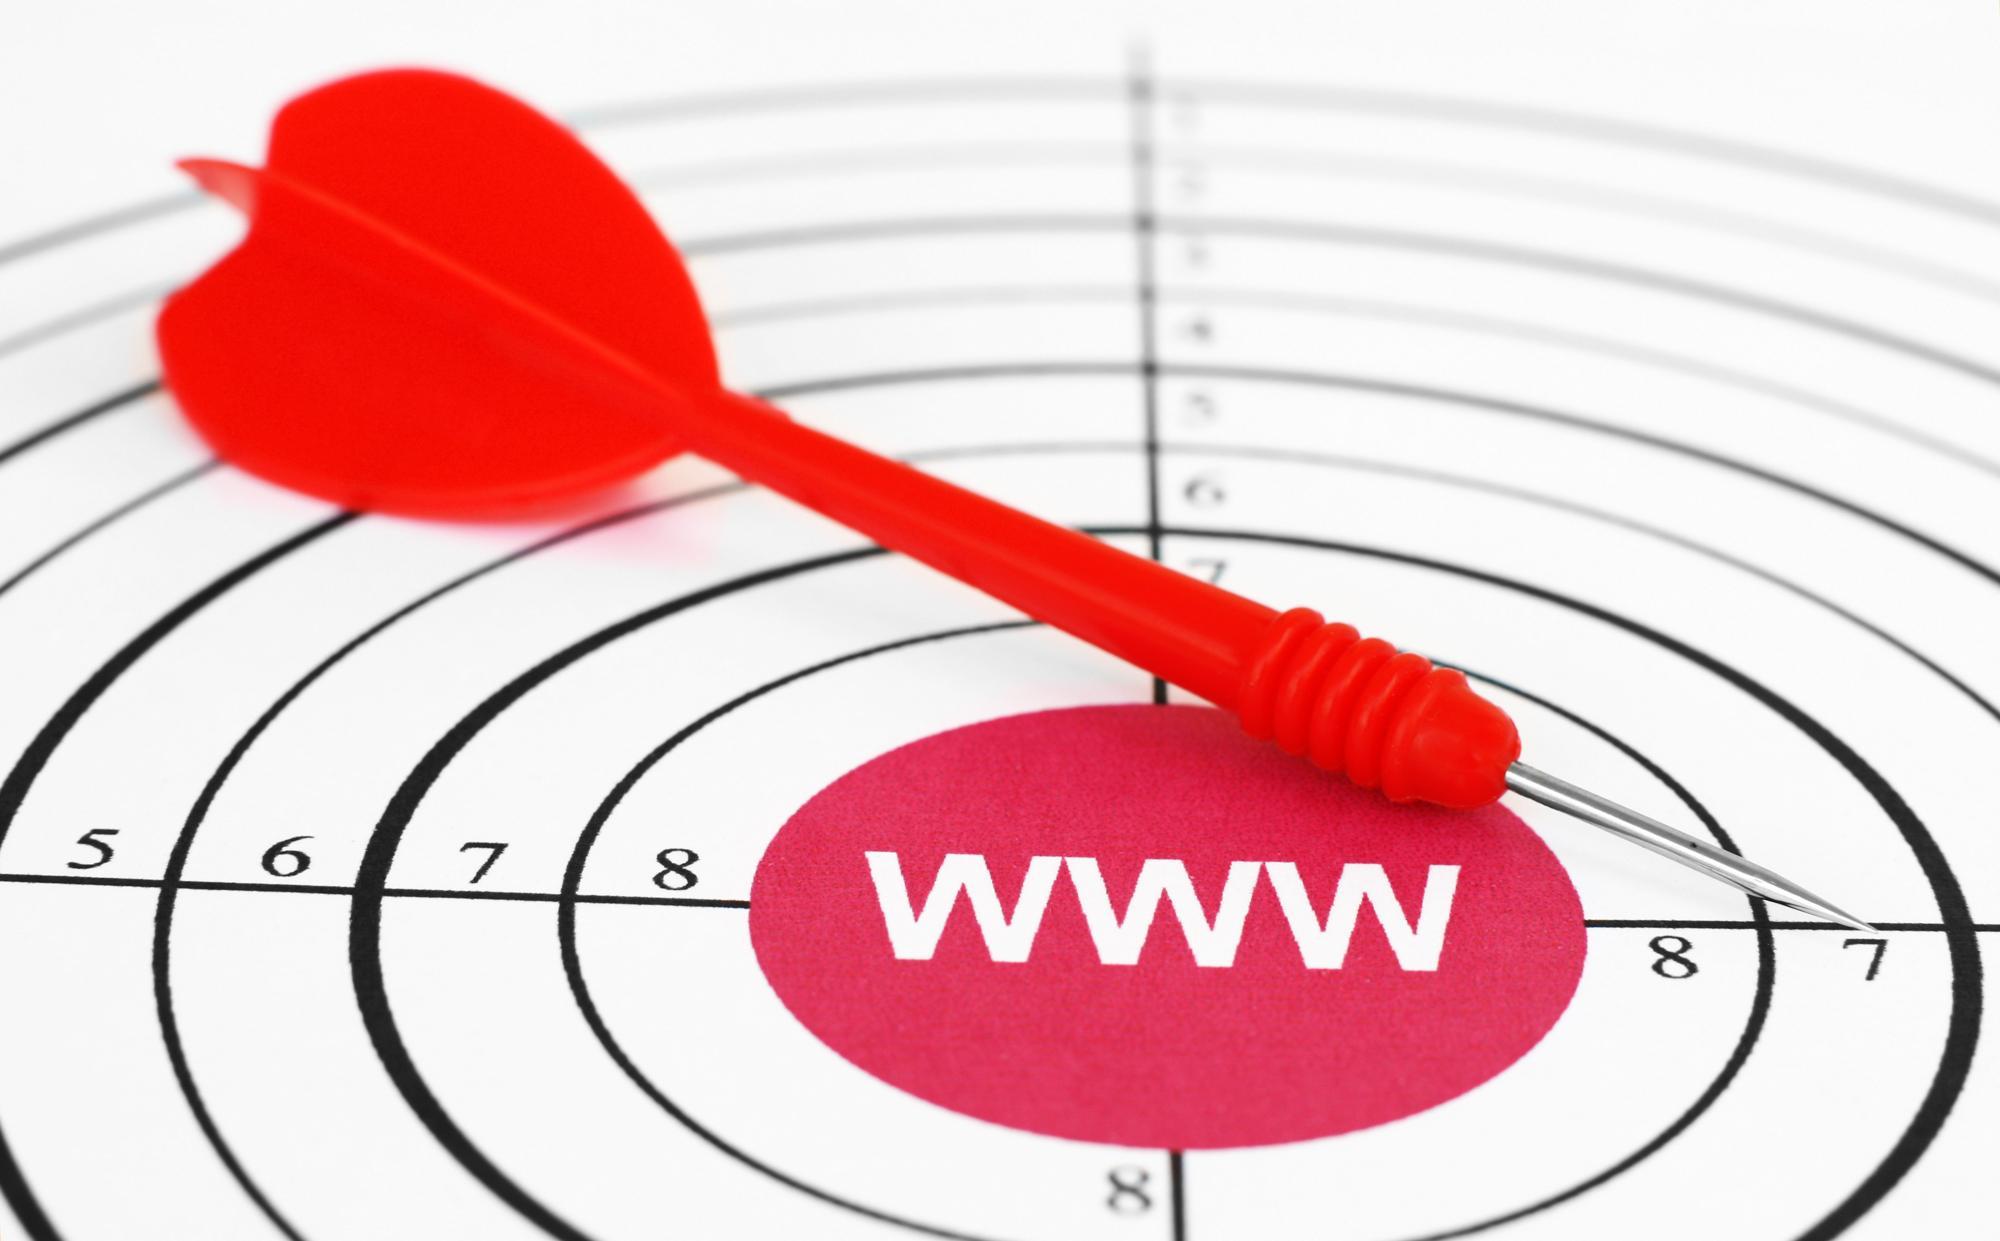 Si quieres acertar al comprar un dominio web, afina la puntería